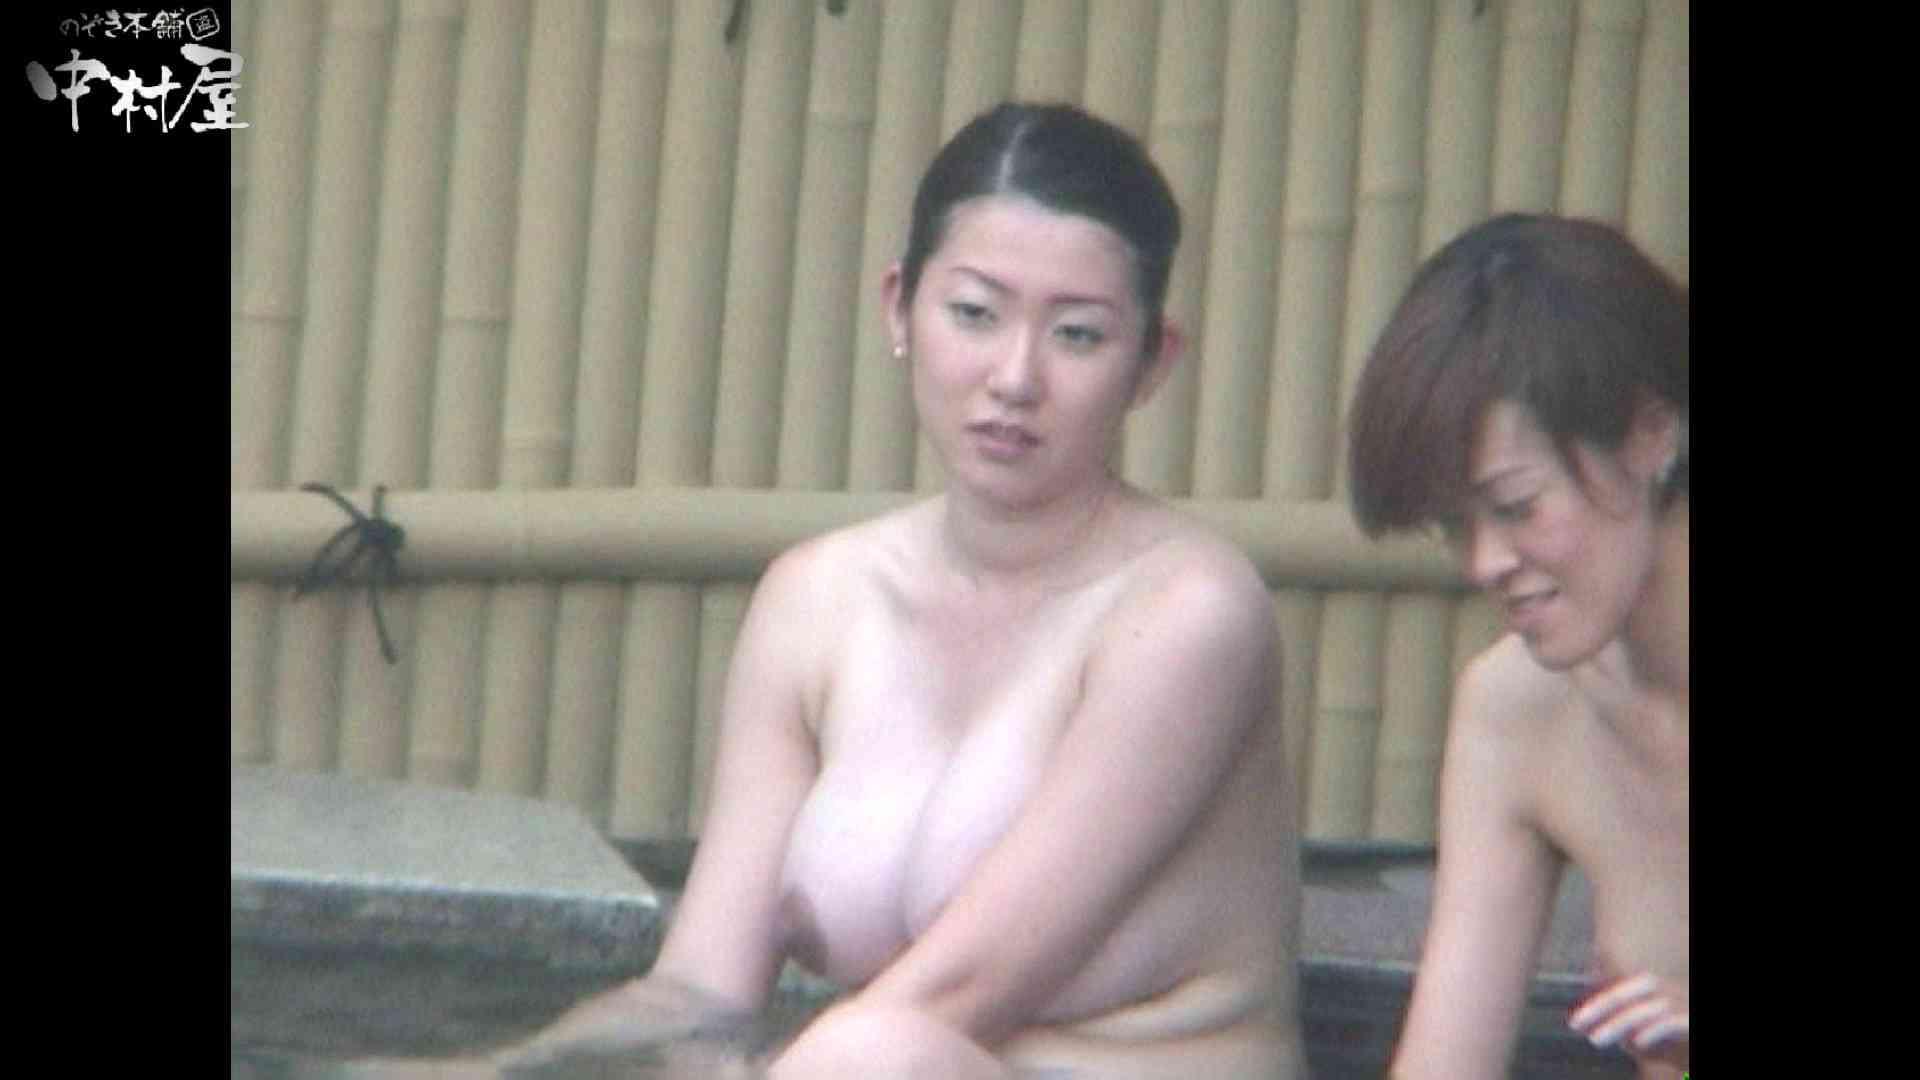 Aquaな露天風呂Vol.961 盗撮 スケベ動画紹介 104連発 104